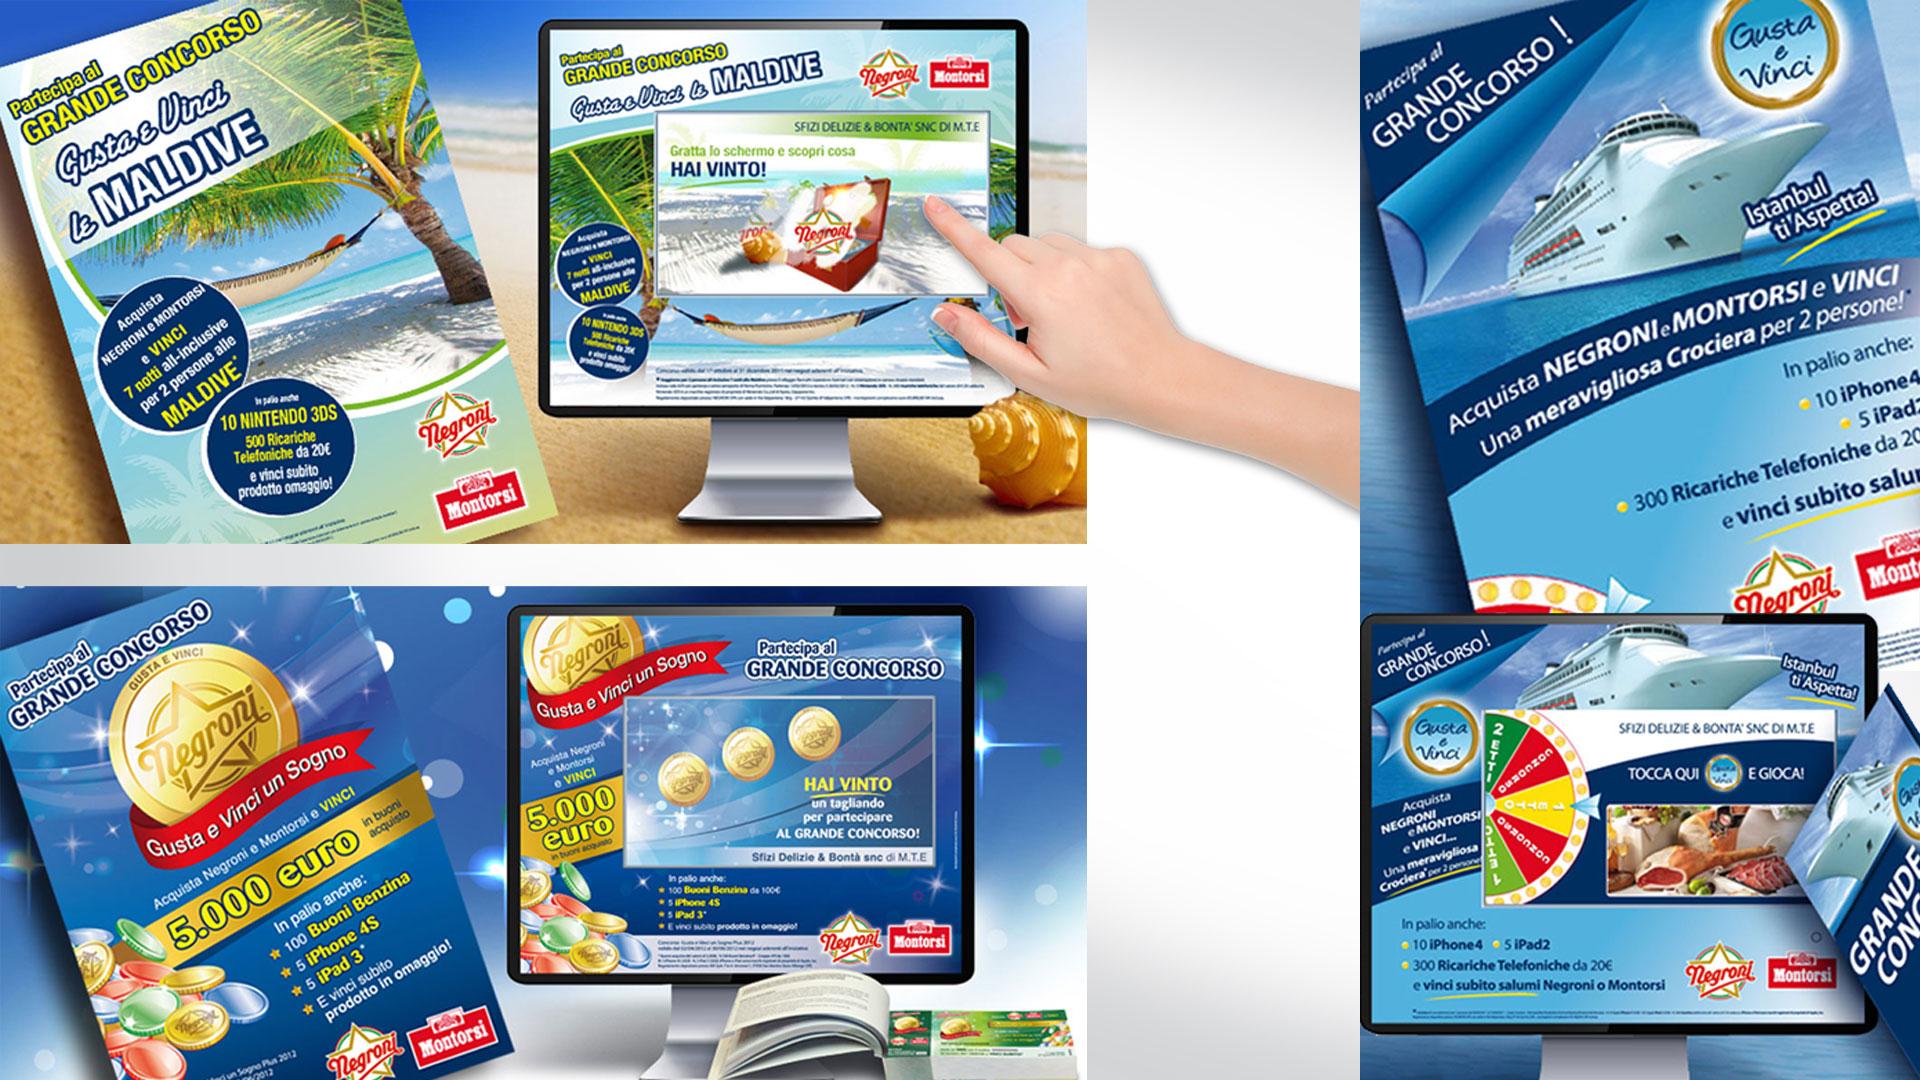 Coupon Negroni.Marketing e strategie di comunicazione su misura per affermare il tuo brand.